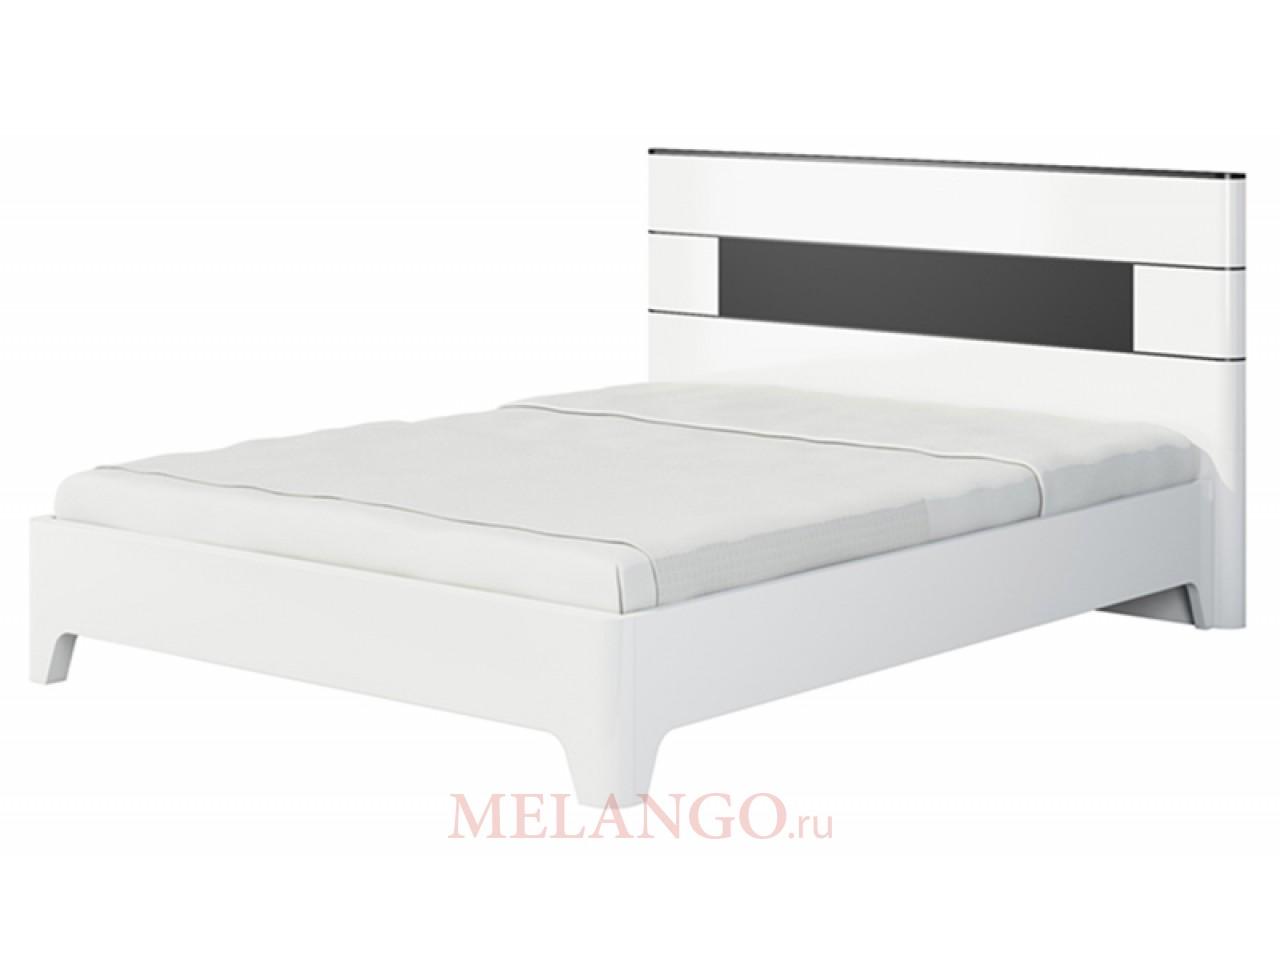 Двуспальная кровать с ортопедическим основанием без подъемного механизма Верона МН-024-01